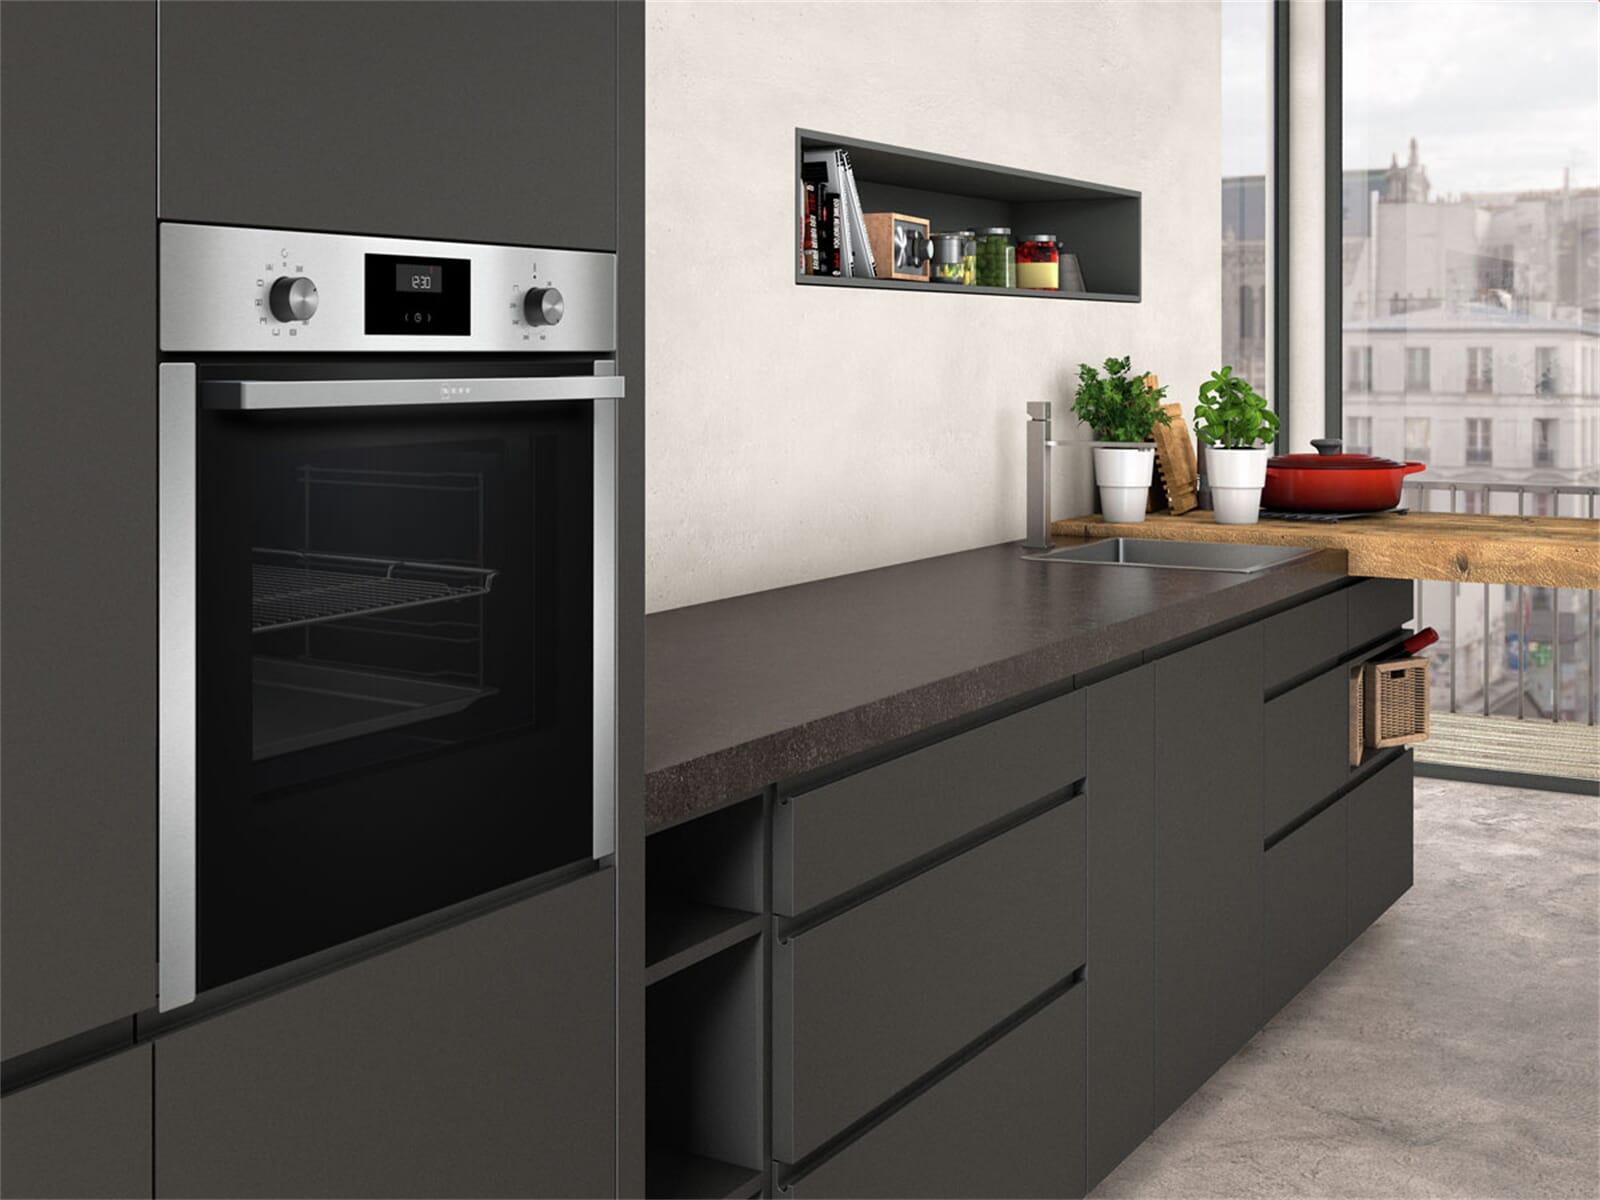 neff set backofen bcc3622 induktionskochfeld tbt4800n 4250548707589 ebay. Black Bedroom Furniture Sets. Home Design Ideas